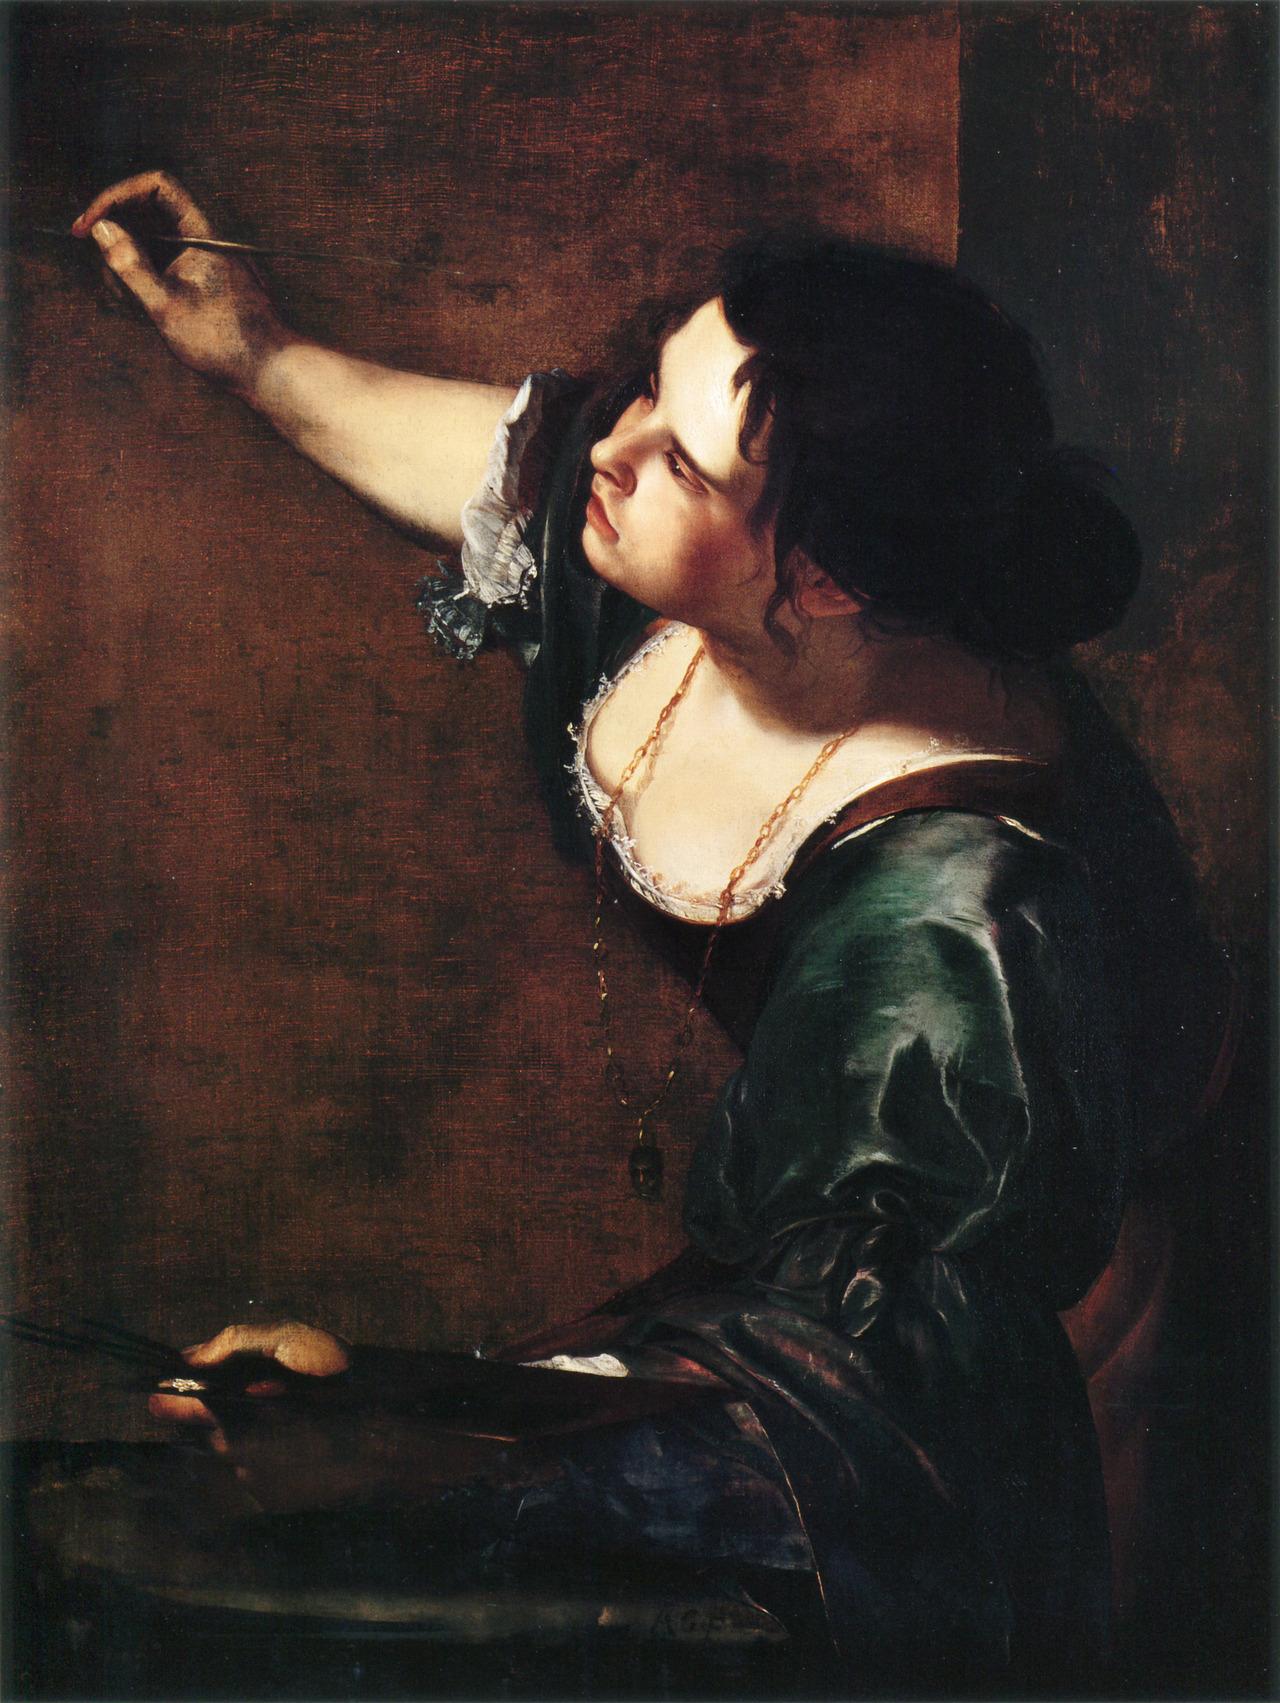 Autoportret jako alegoria malarstwa / La Pittura, Artemisia Gentileschi, olej na płótnie, 1638-1639